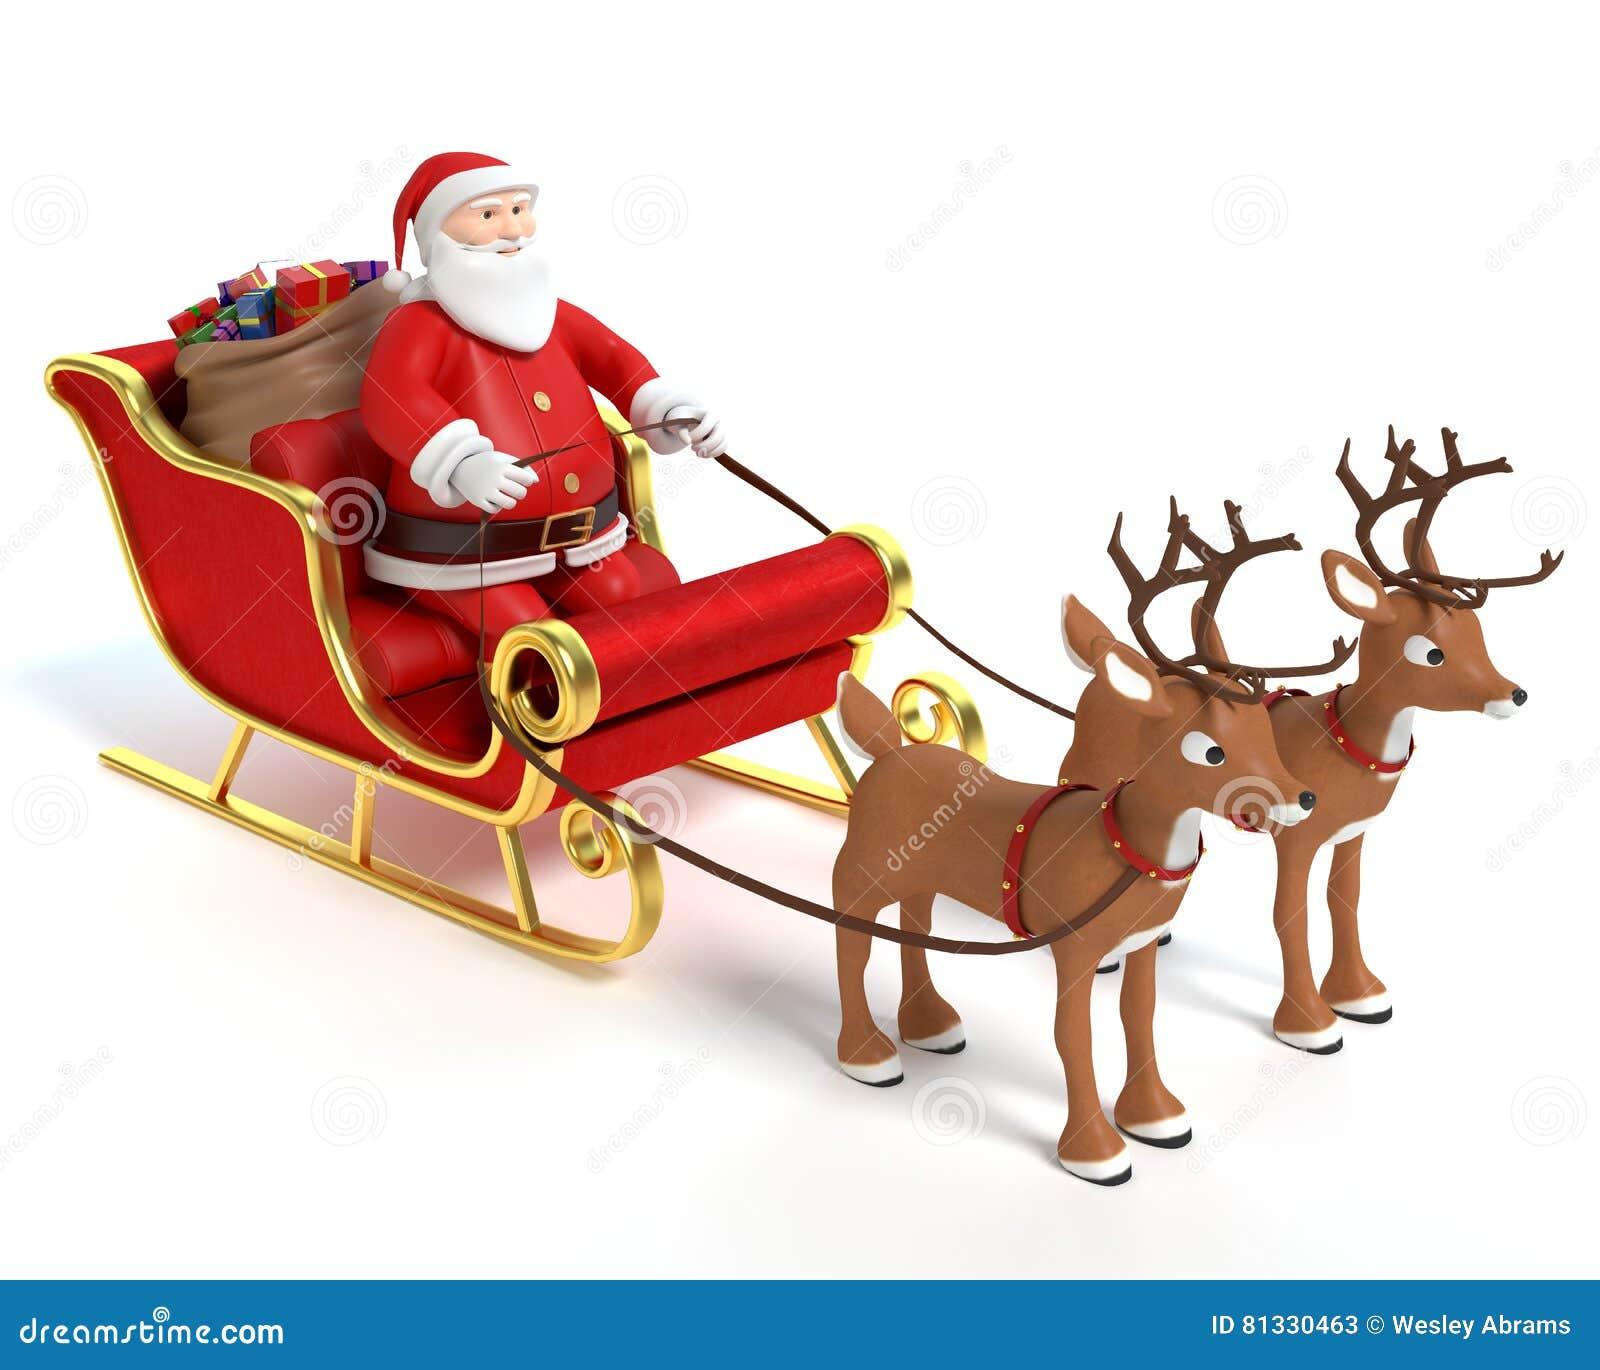 santas sleigh reindeer